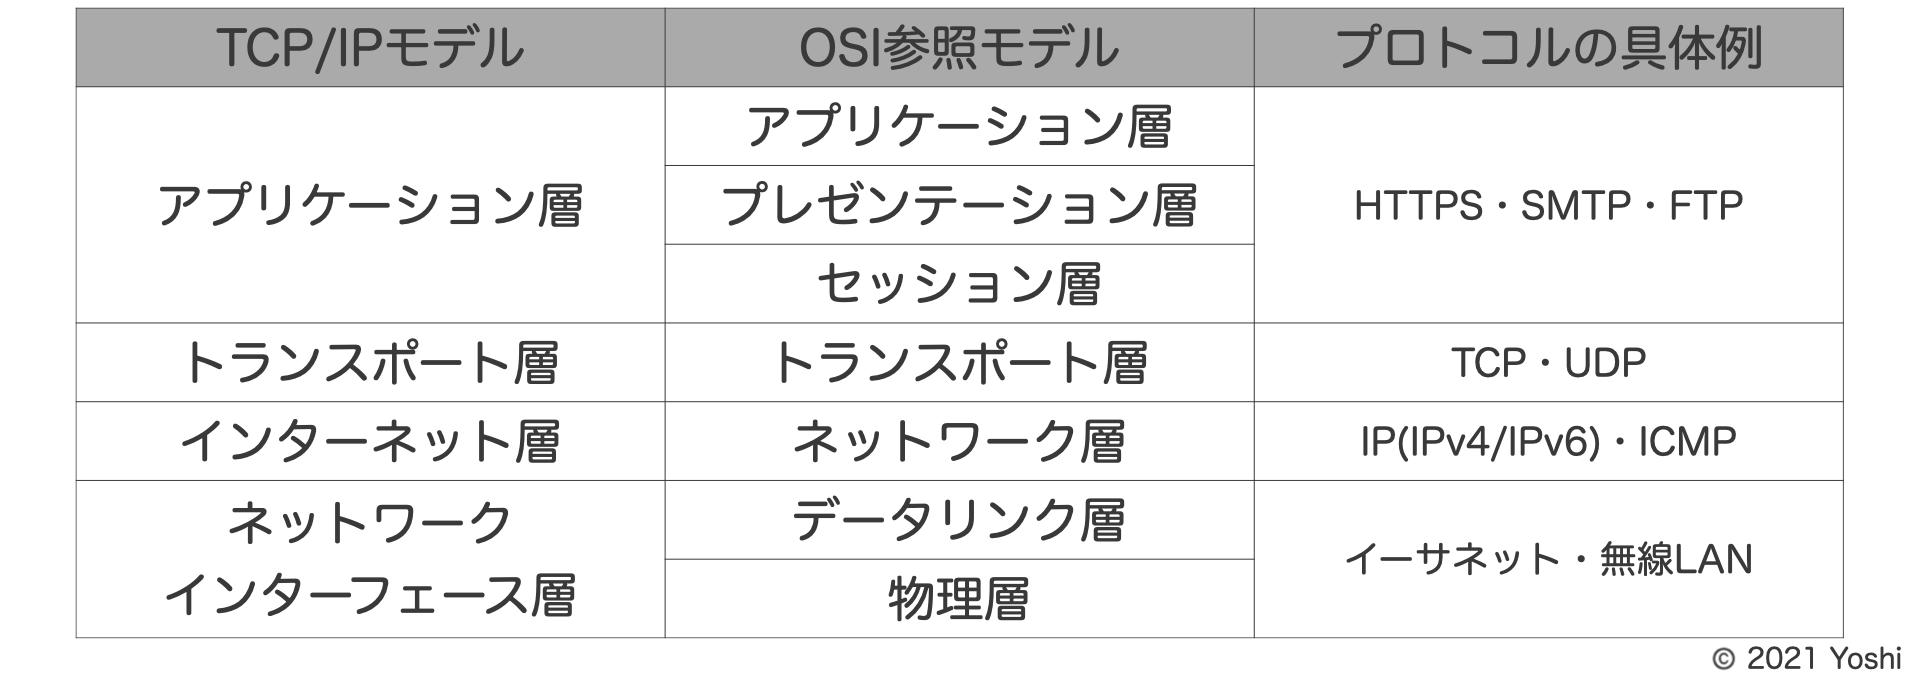 OSI参照モデルとTCP/IPの比較表(レイヤー構成)